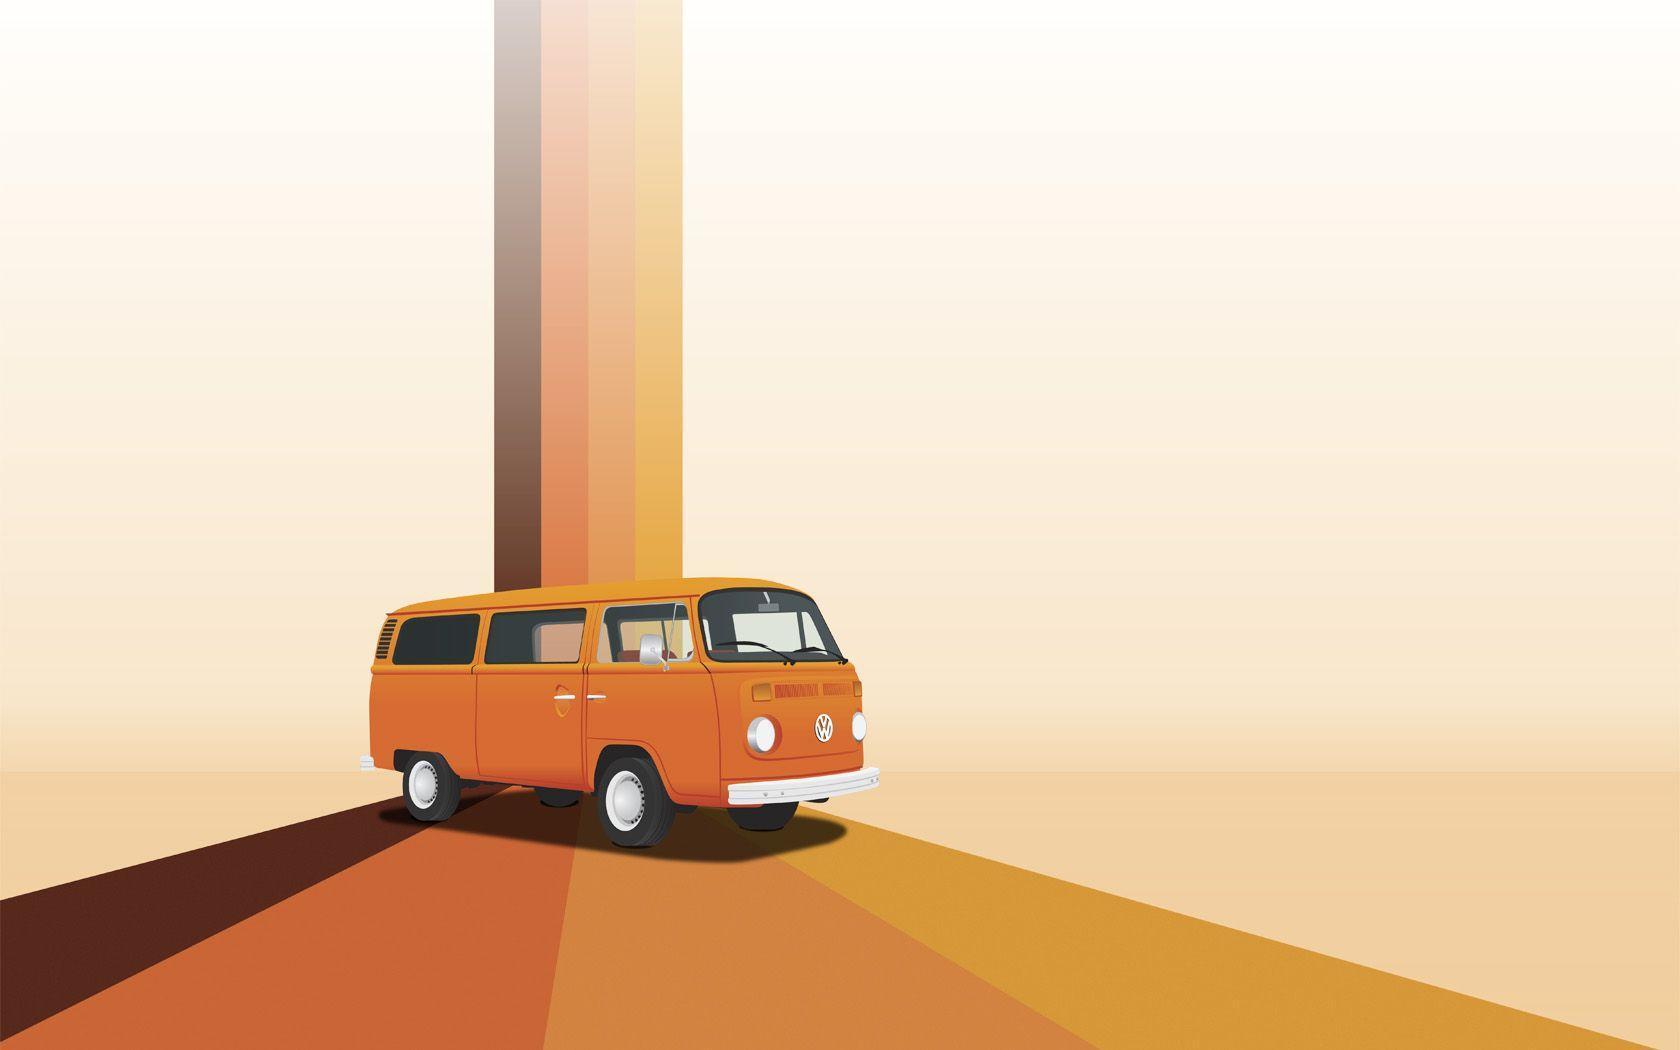 volkswagen buses wallpaper screensavers - photo #35